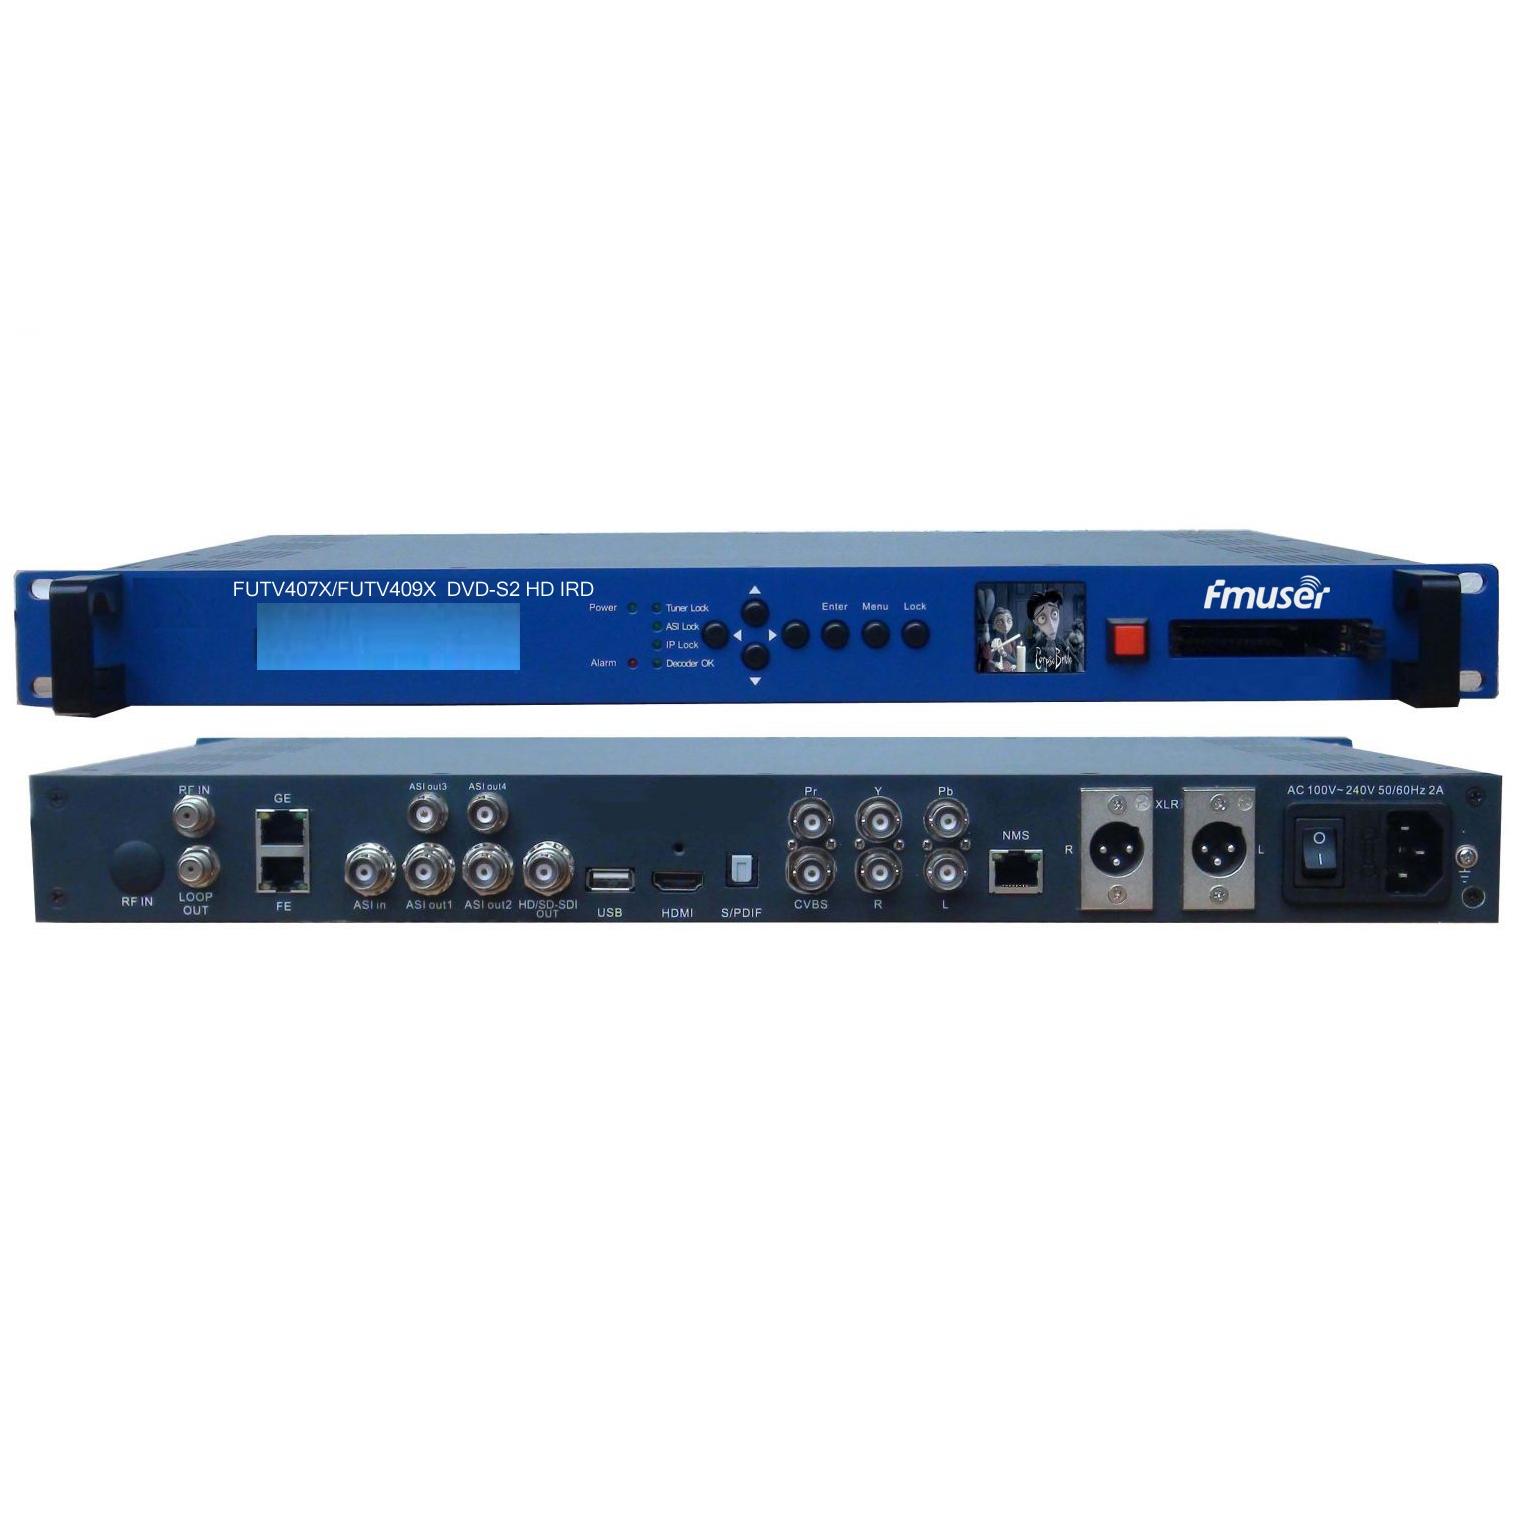 FMUSER FUTV409X / FUTV407X CAM IRD (1 DVB-C / T / S / S2, DMB-T, ISDB-T, ATSC-T 8VSB RF Input, 1 ASI IP Output, 2 ASI 1 IP Output, HDMI SD bl-Live Screen